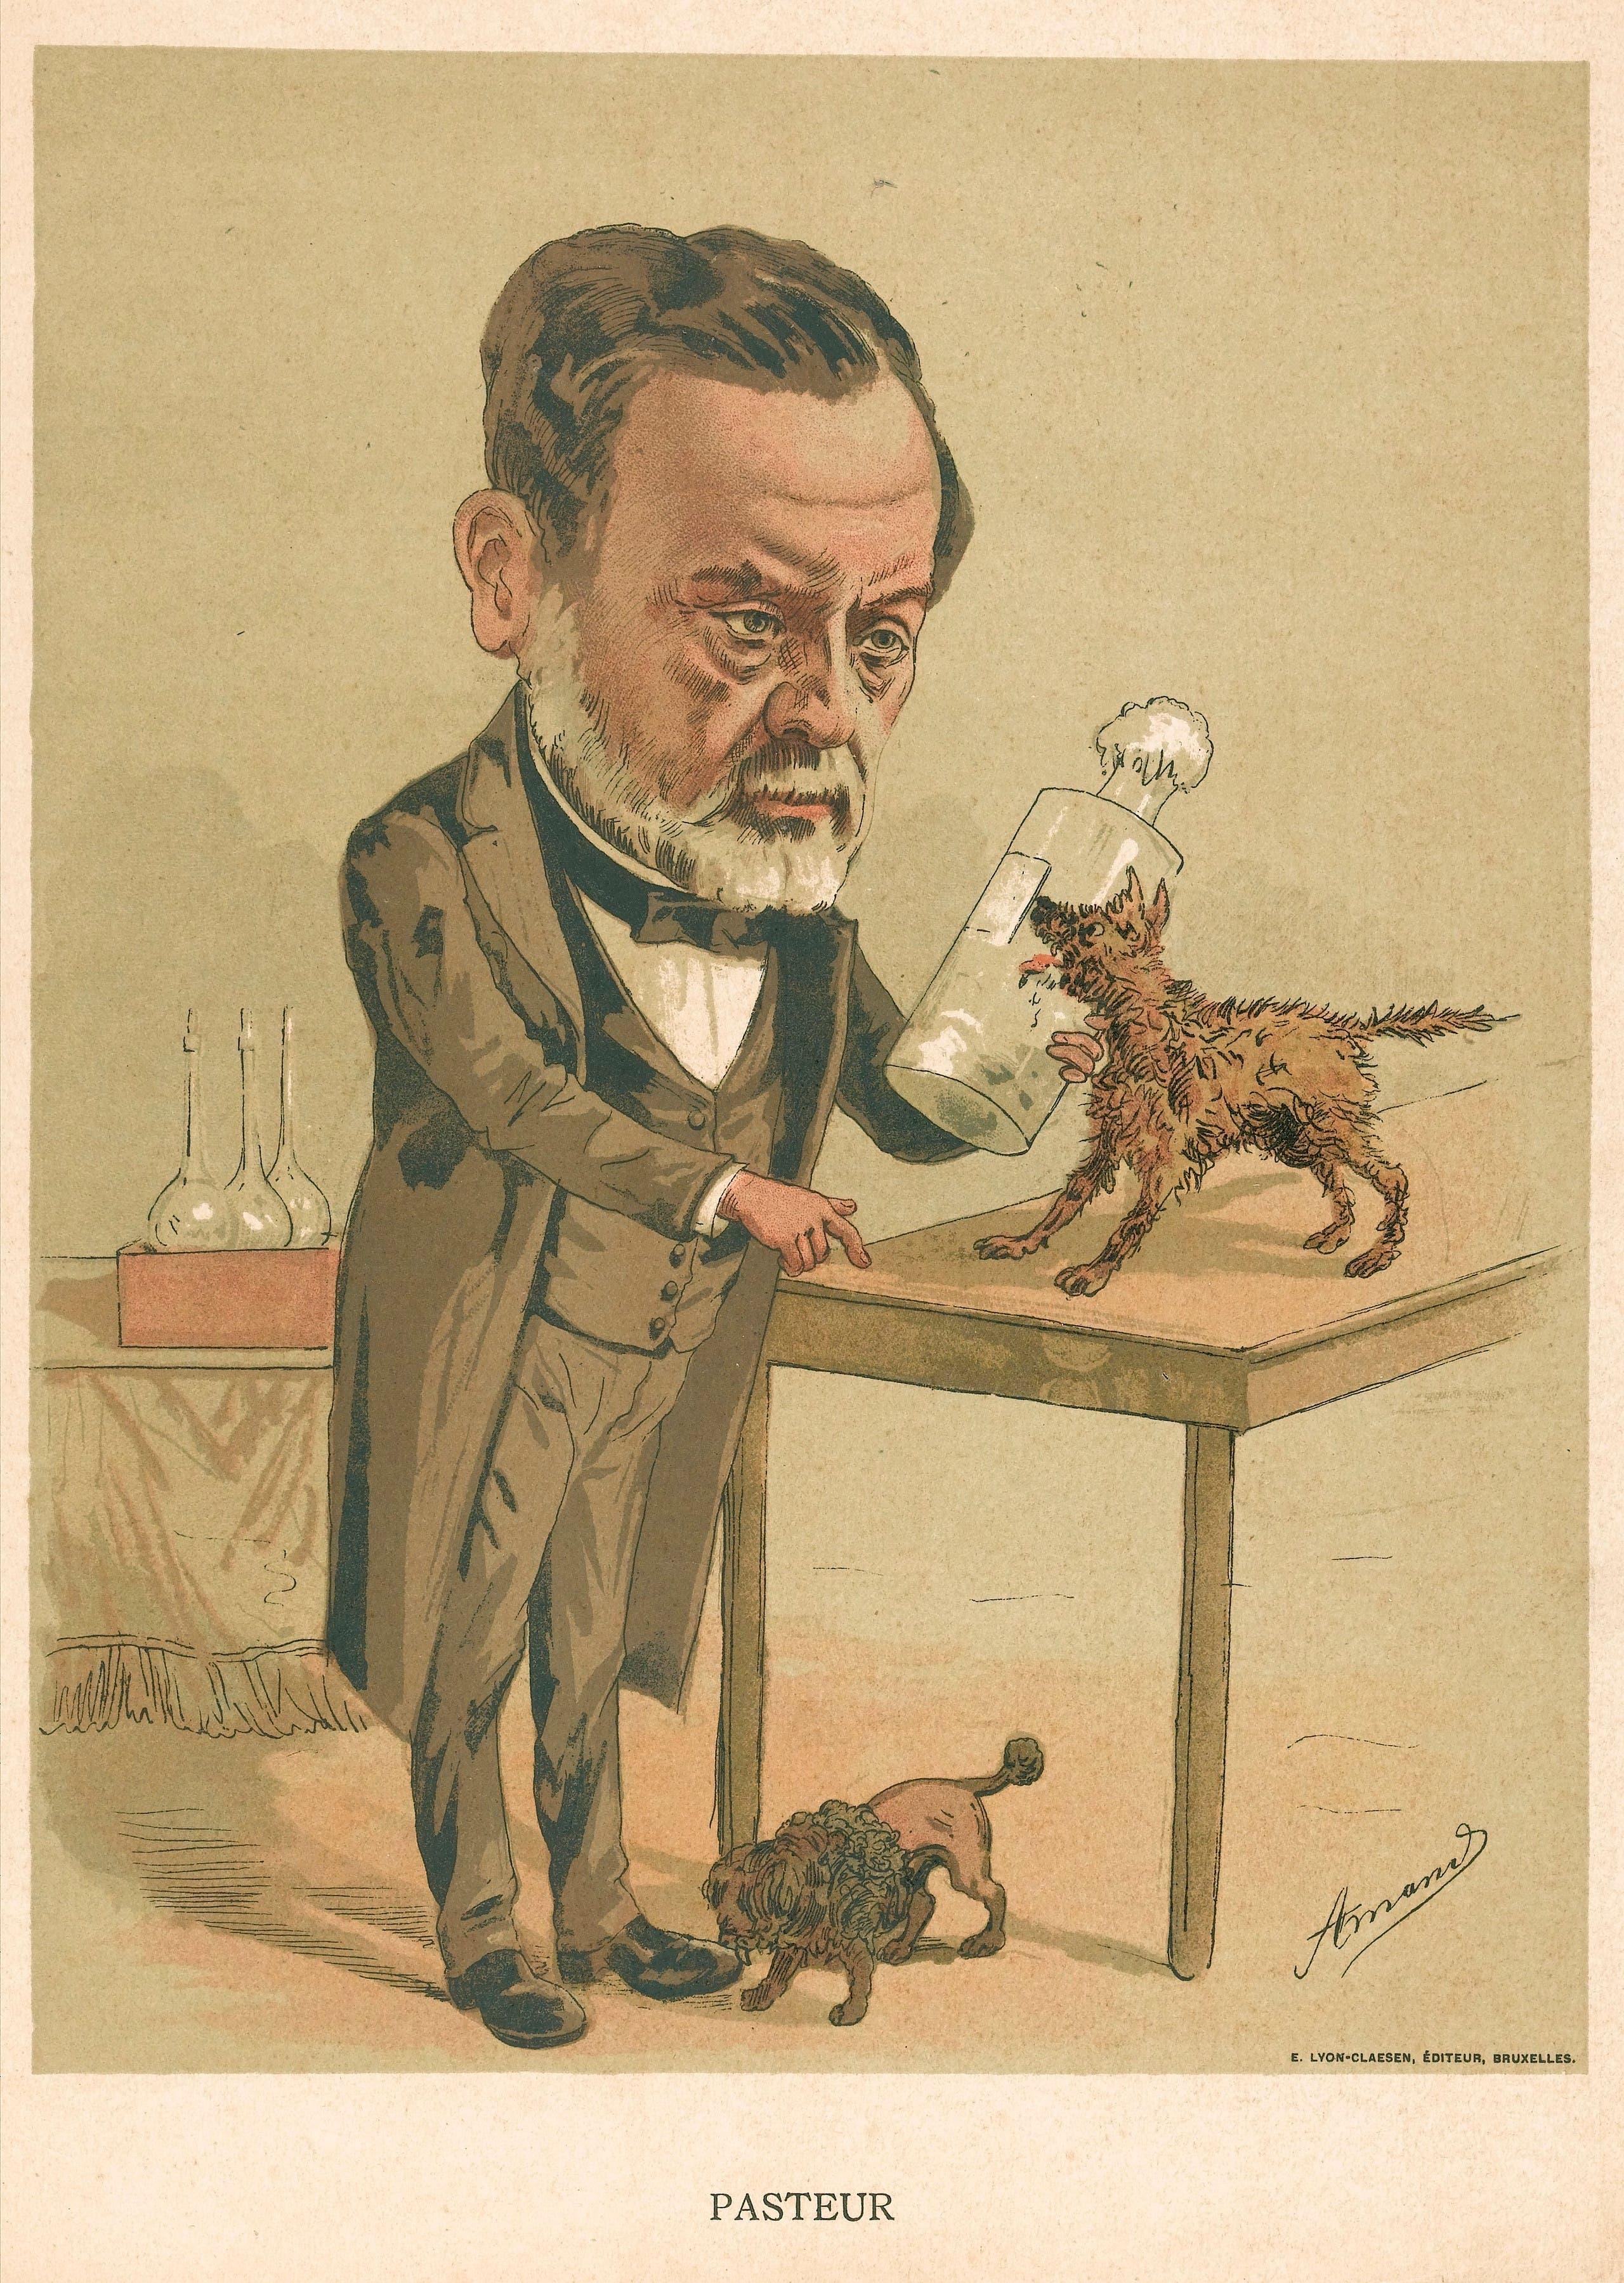 رسم كاريكاتيري ساخر يجسد باستور أثناء أبحاثه حول داء الكلب